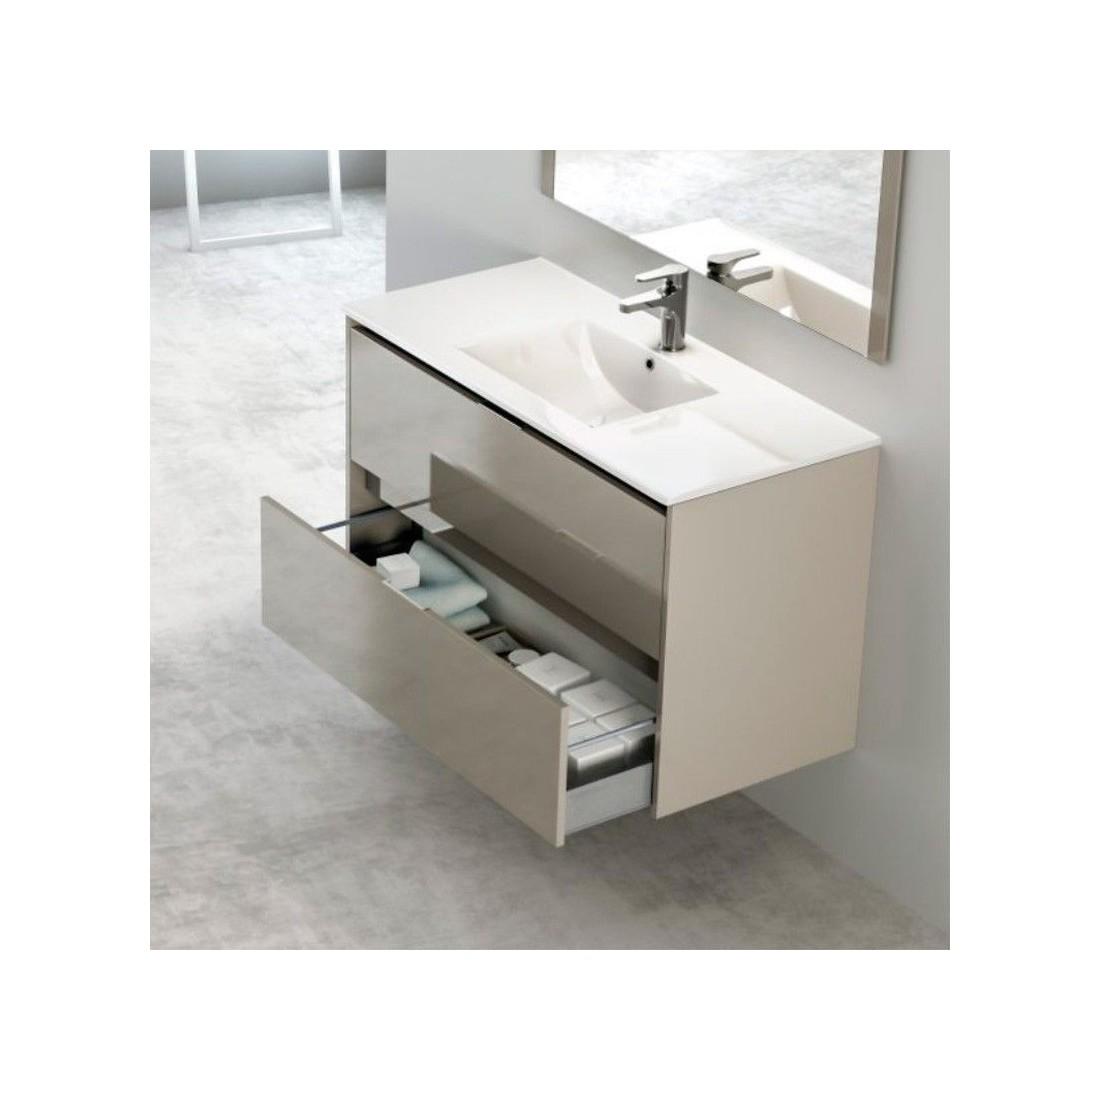 Mueble ba o evo the bath for Mueble alto para bano